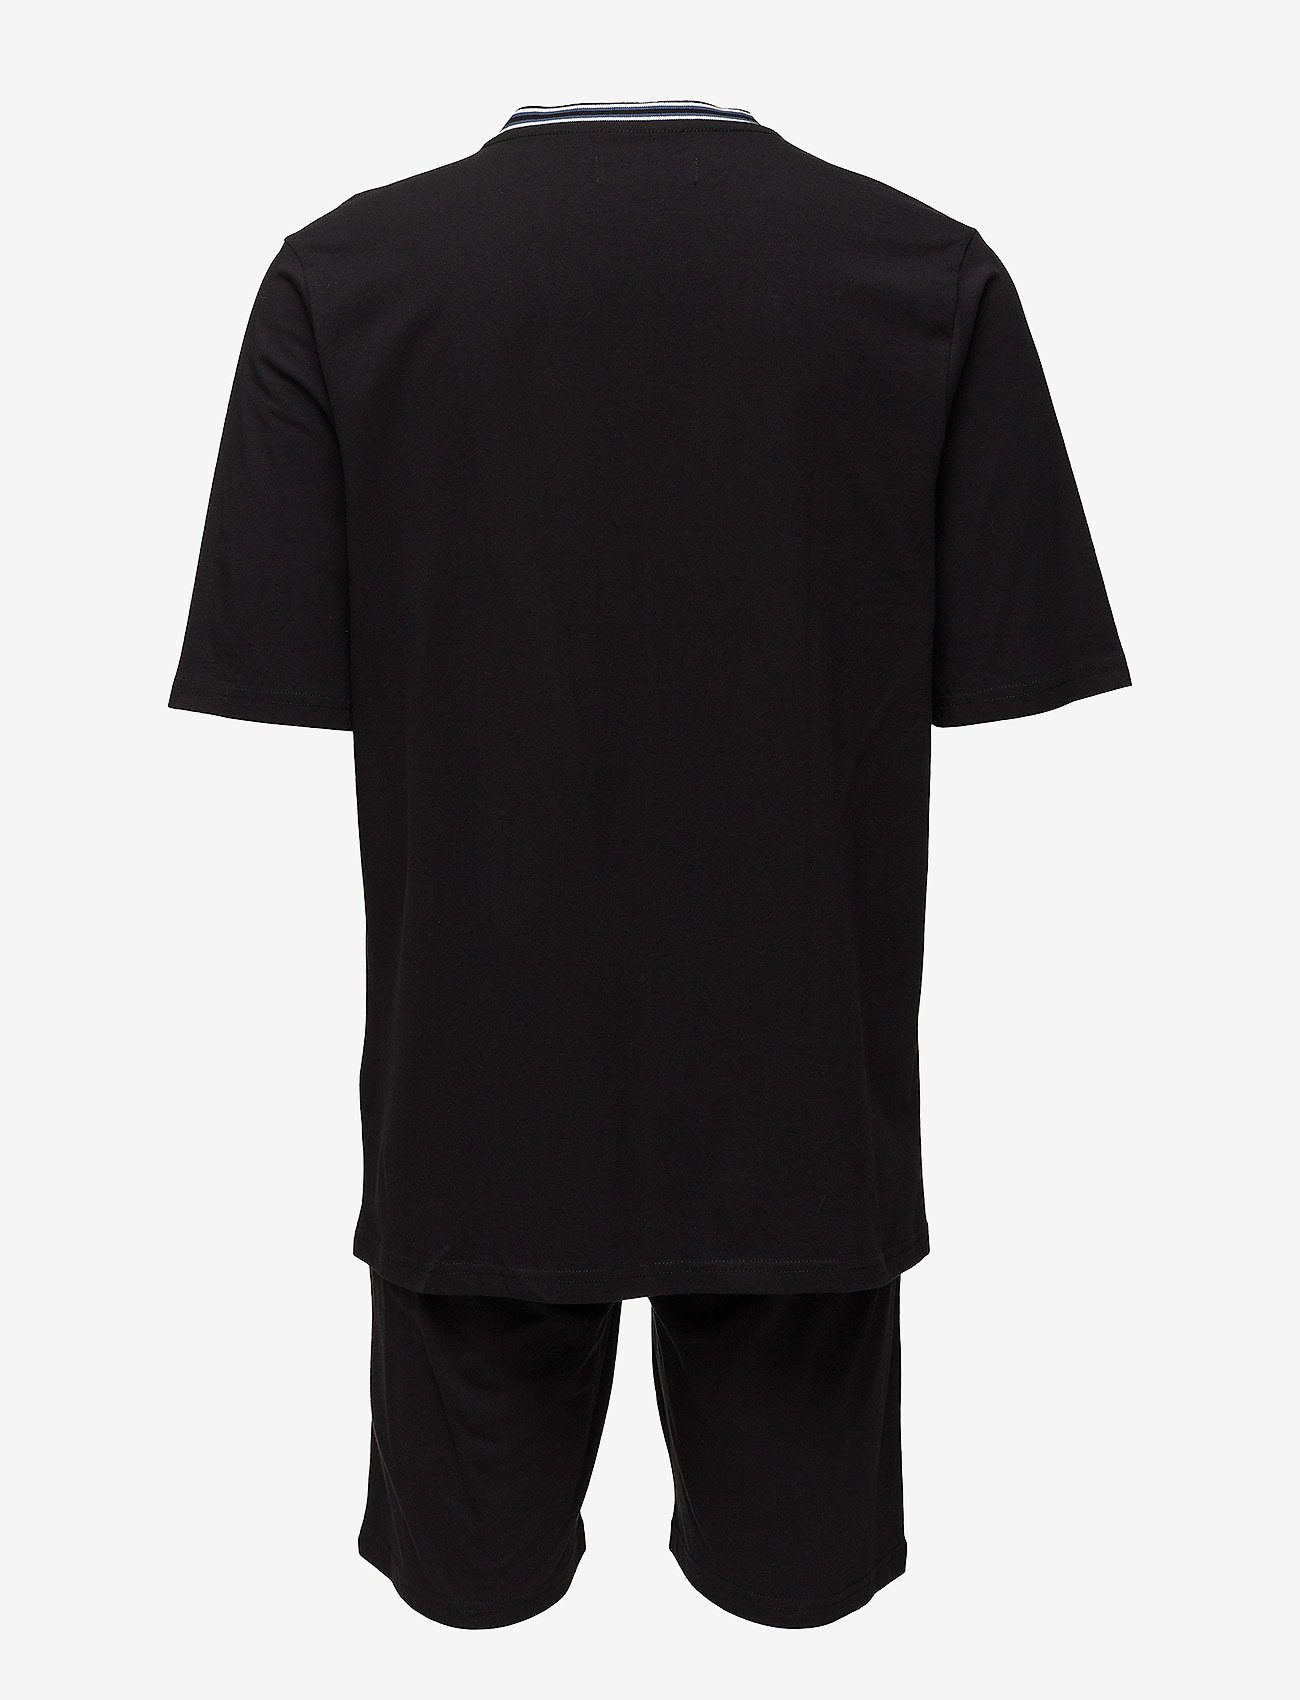 JBS - JBS pajamas, t-shirt-shorts - pyjama's - black - 1